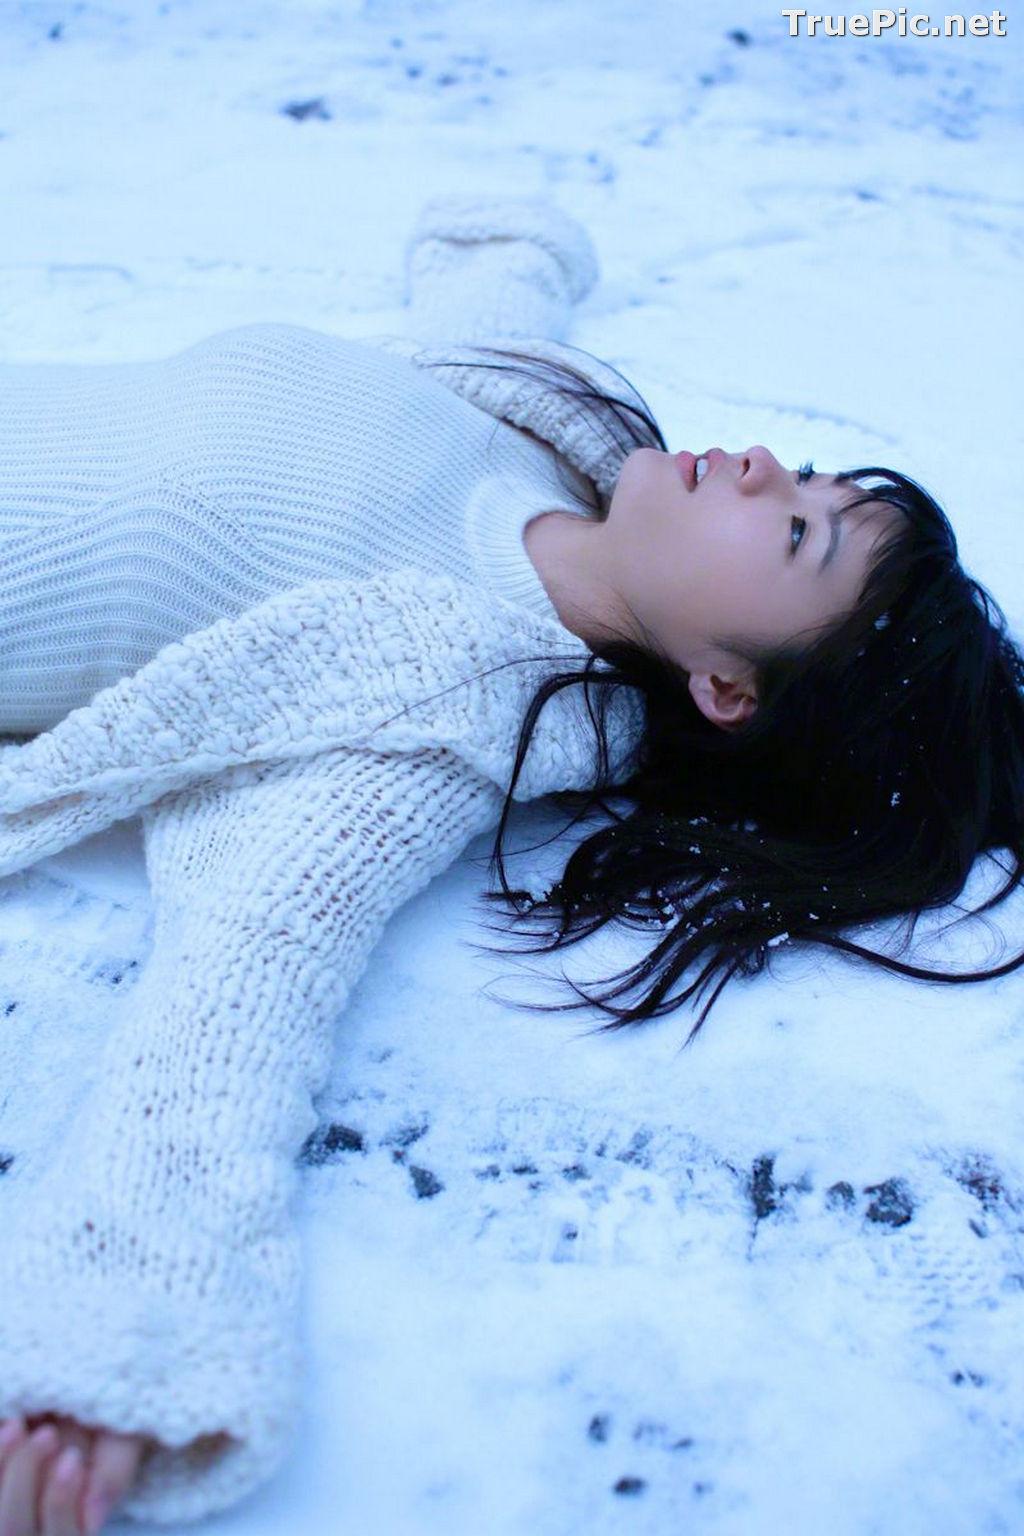 Image Wanibooks No.134 – Japanese Gravure Idol – Mizuki Hoshina - TruePic.net - Picture-3